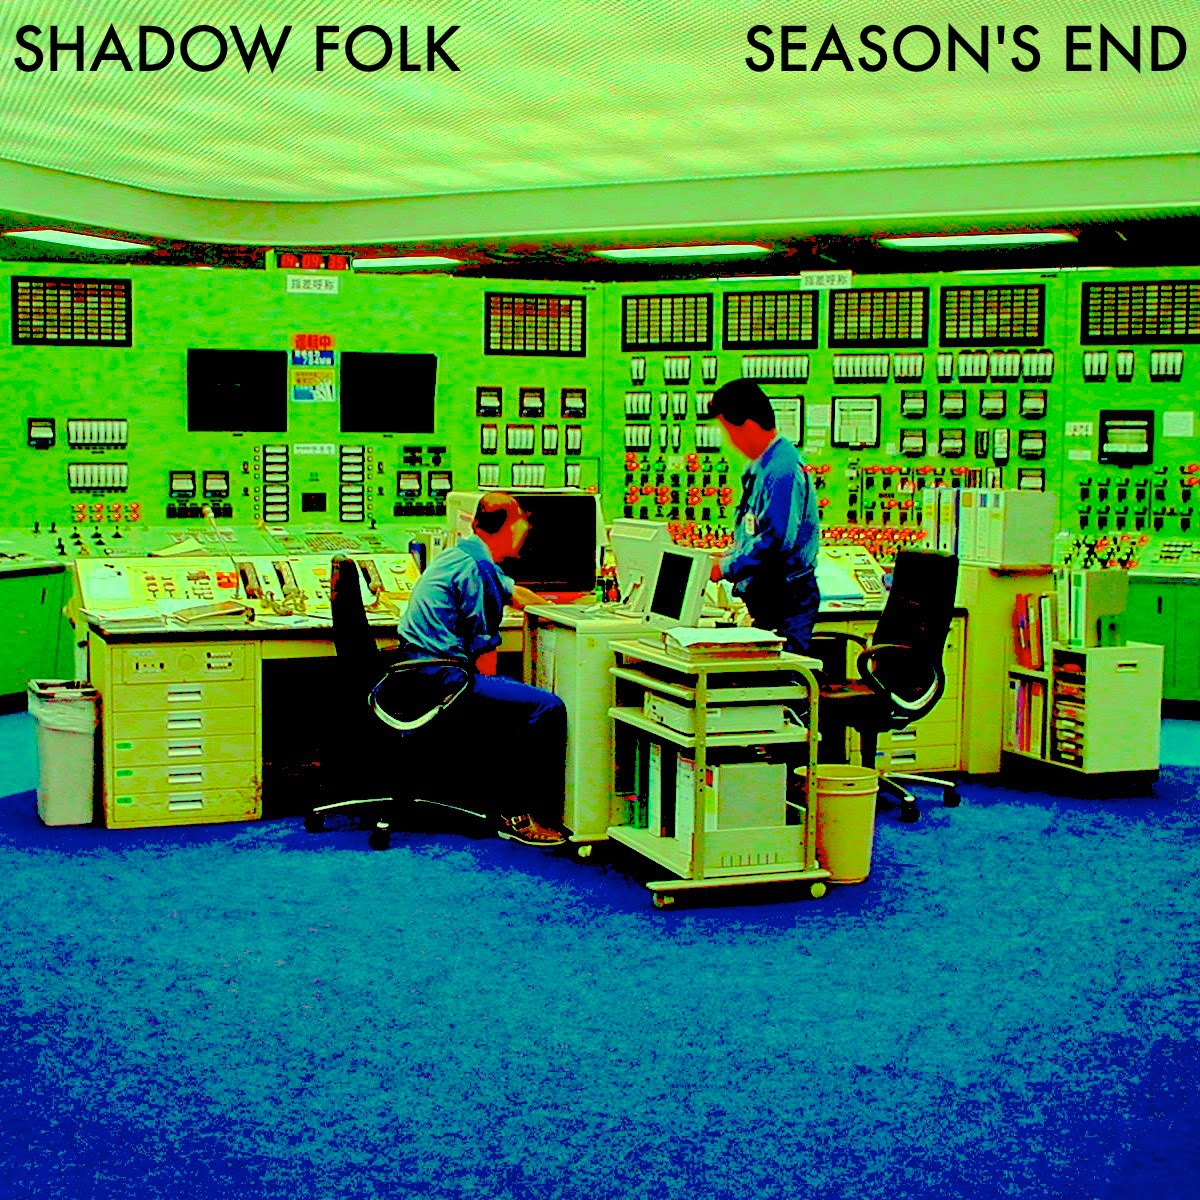 http://www.d4am.net/2014/07/shadow-folk-seasons-end.html